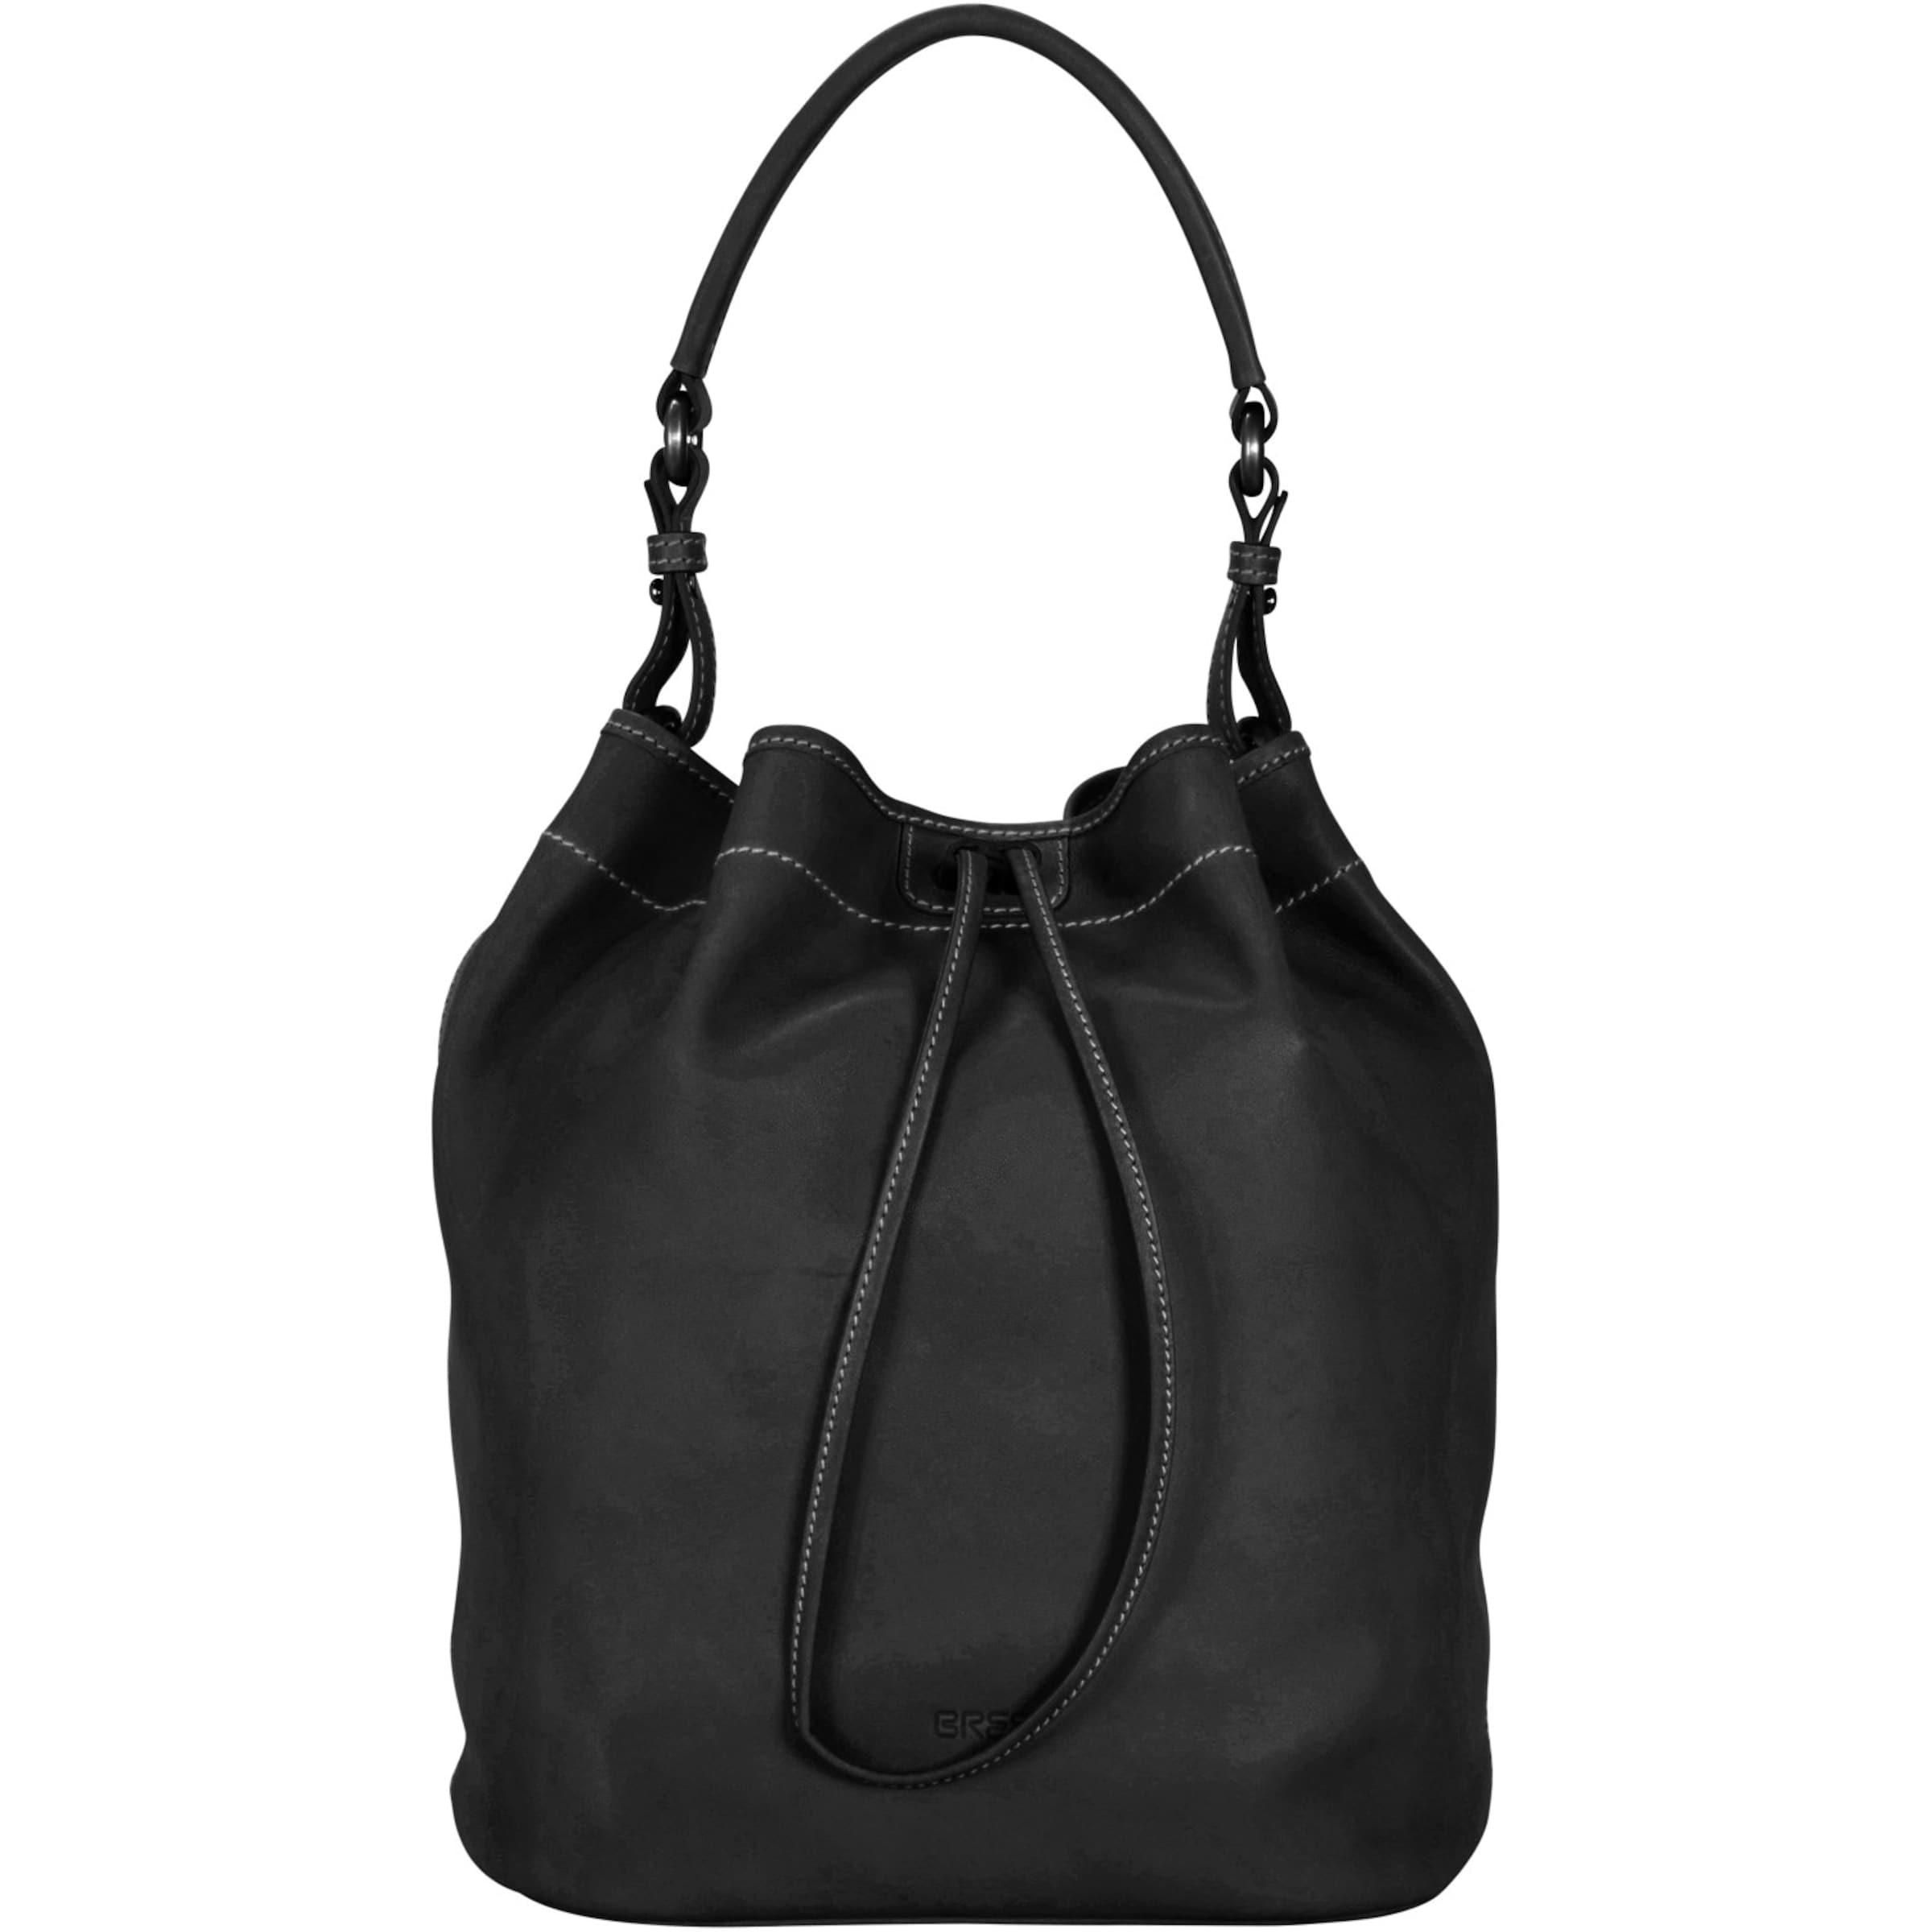 BREE Stockholm 27 Handtasche Leder 26 cm Billig Günstiger Preis Großer Verkauf Günstiger Preis Billig Verkauf 2018 Neue Günstige Spielraum 94Oqz2Lx1